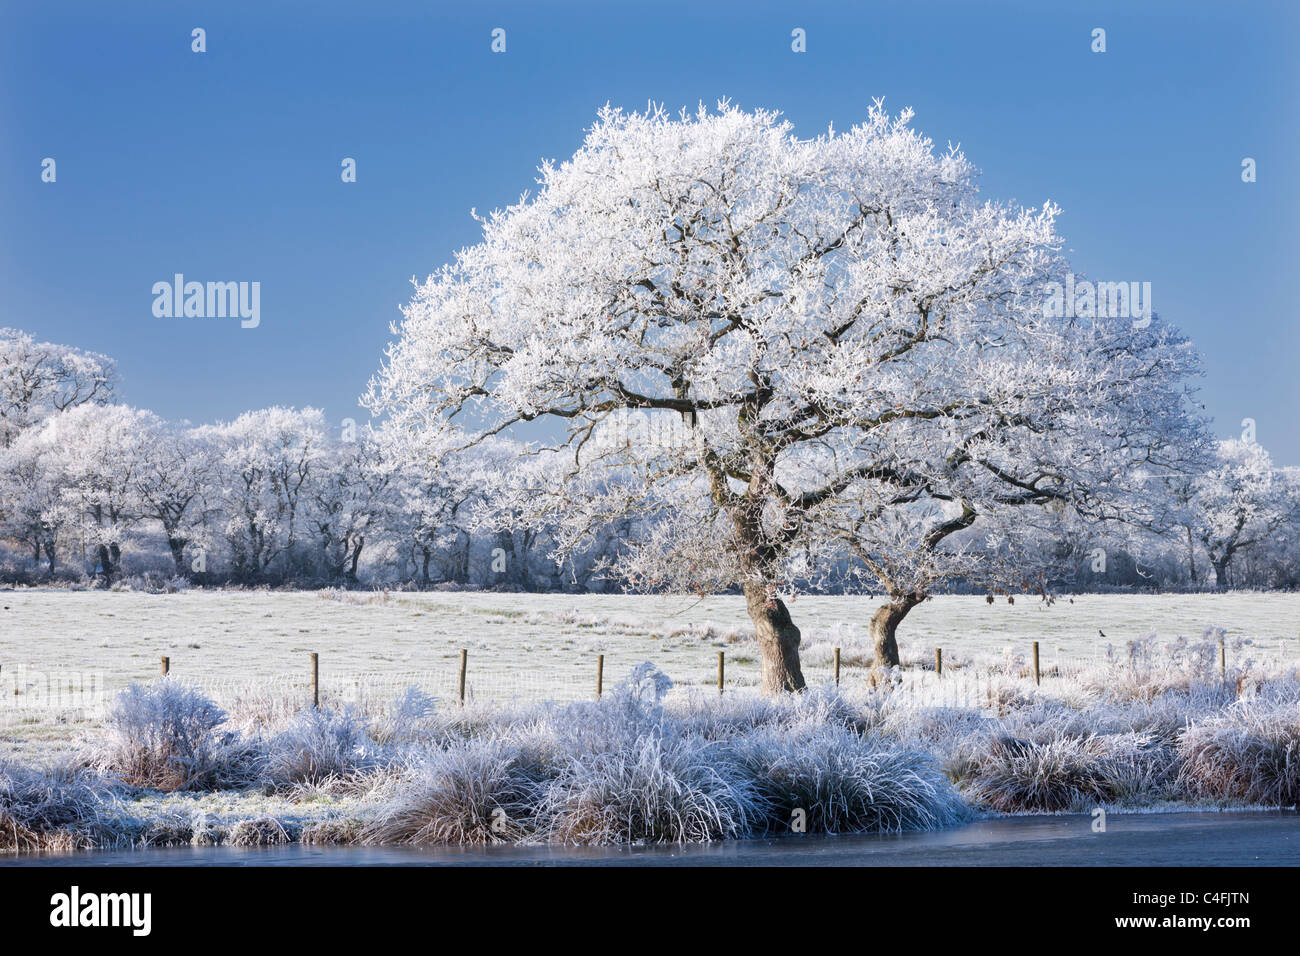 Hoar Milchglas Baum, See und Felder, Morchard Road, Devon, England. Winter (Dezember) 2010. Stockbild